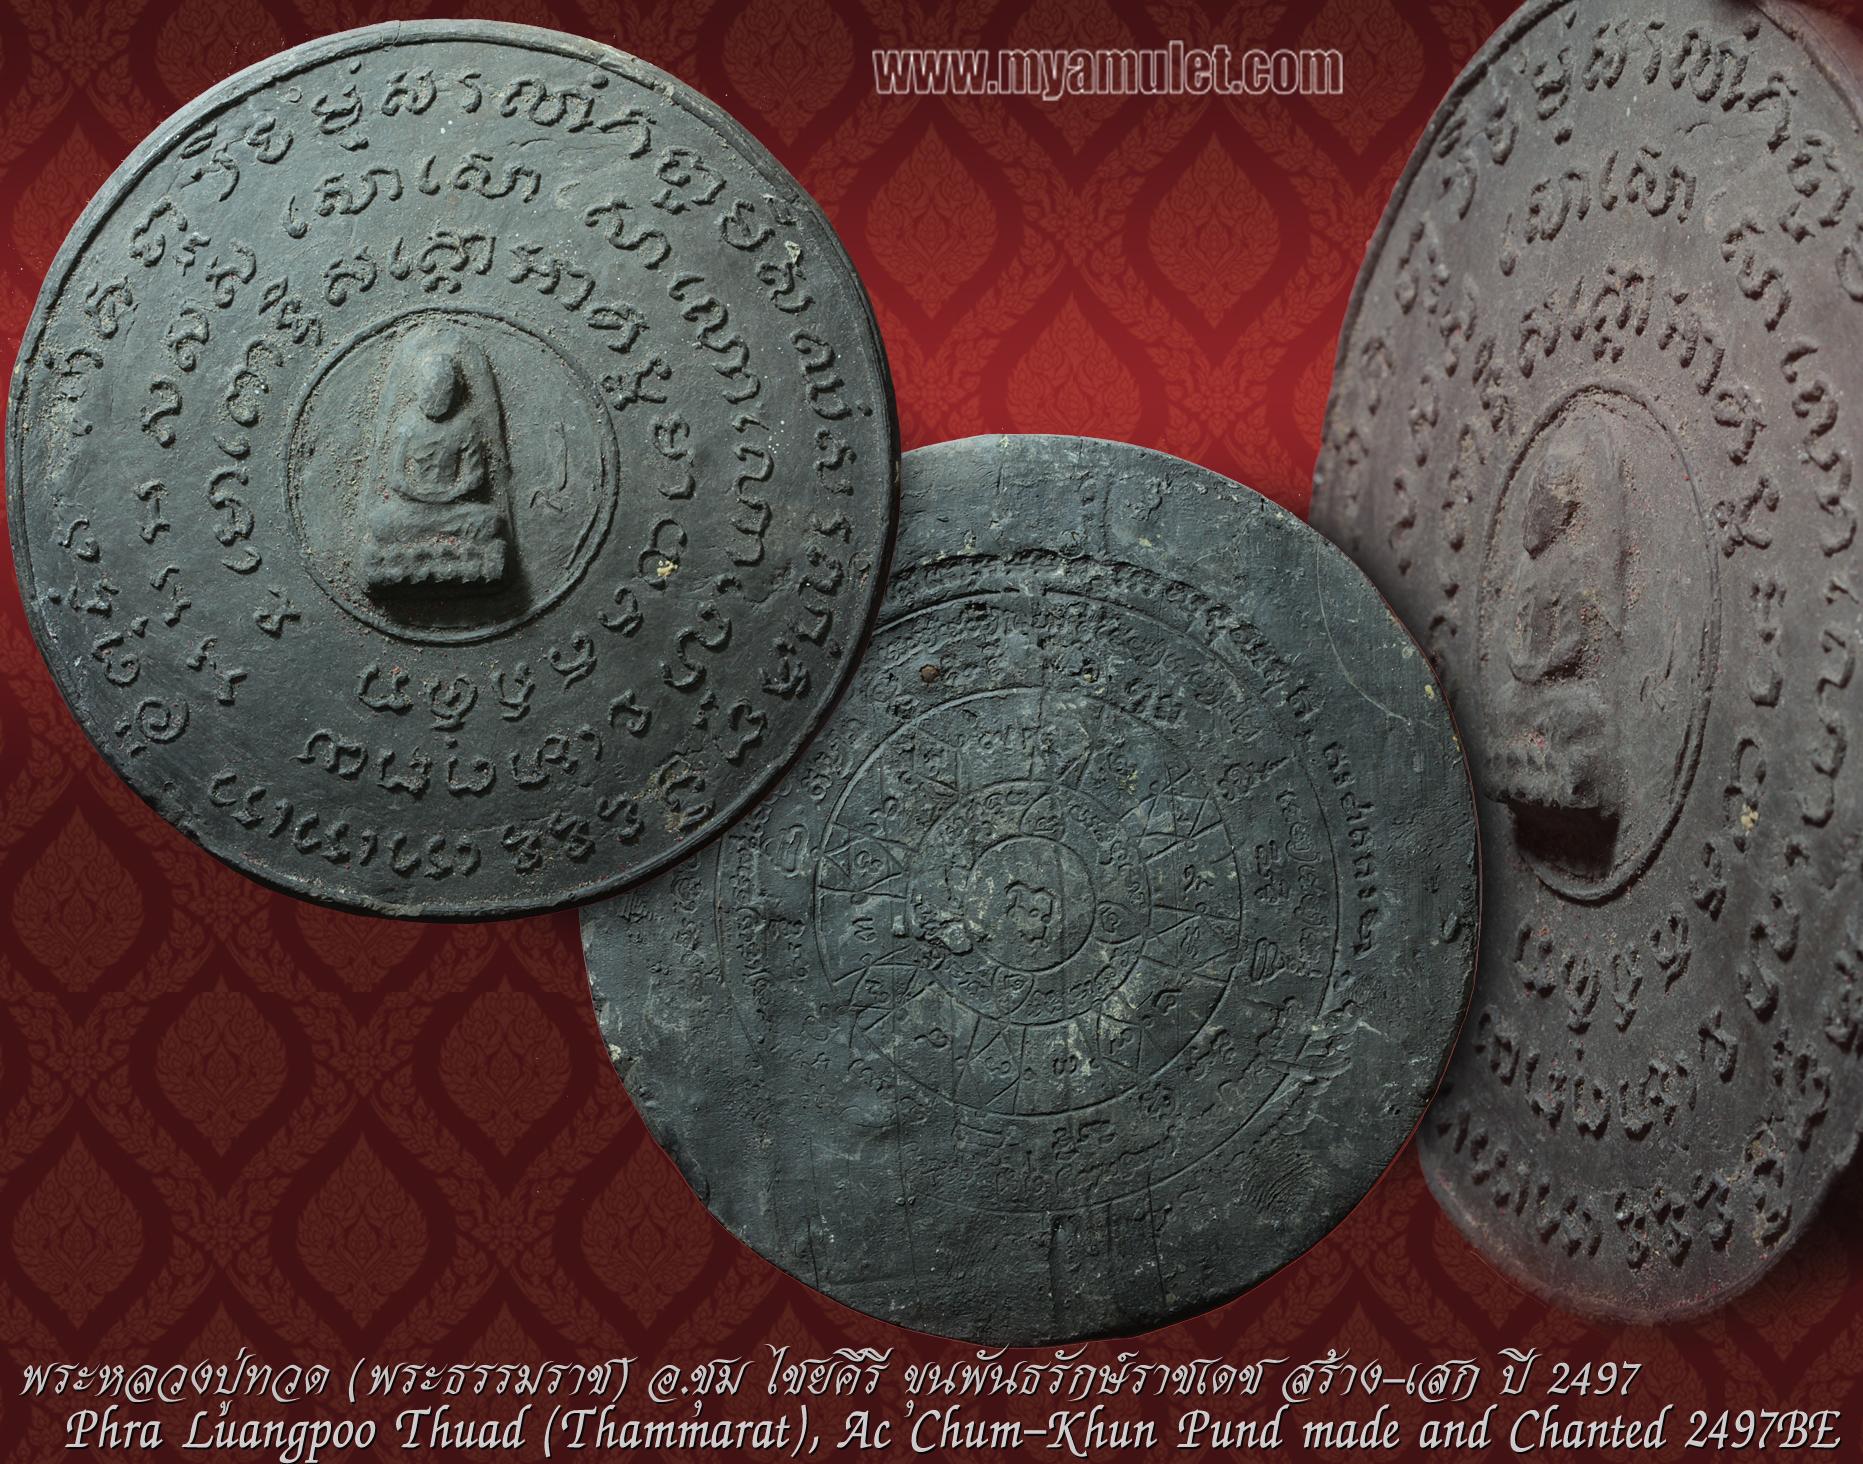 พระหลวงปู่ทวด มหายันต์ธรรมราช อาจารย์ชุม ไชยคีรี-ขุนพันธรักษ์ราชเดช พิธีวัดพระบรมธาตุ ปี 2497